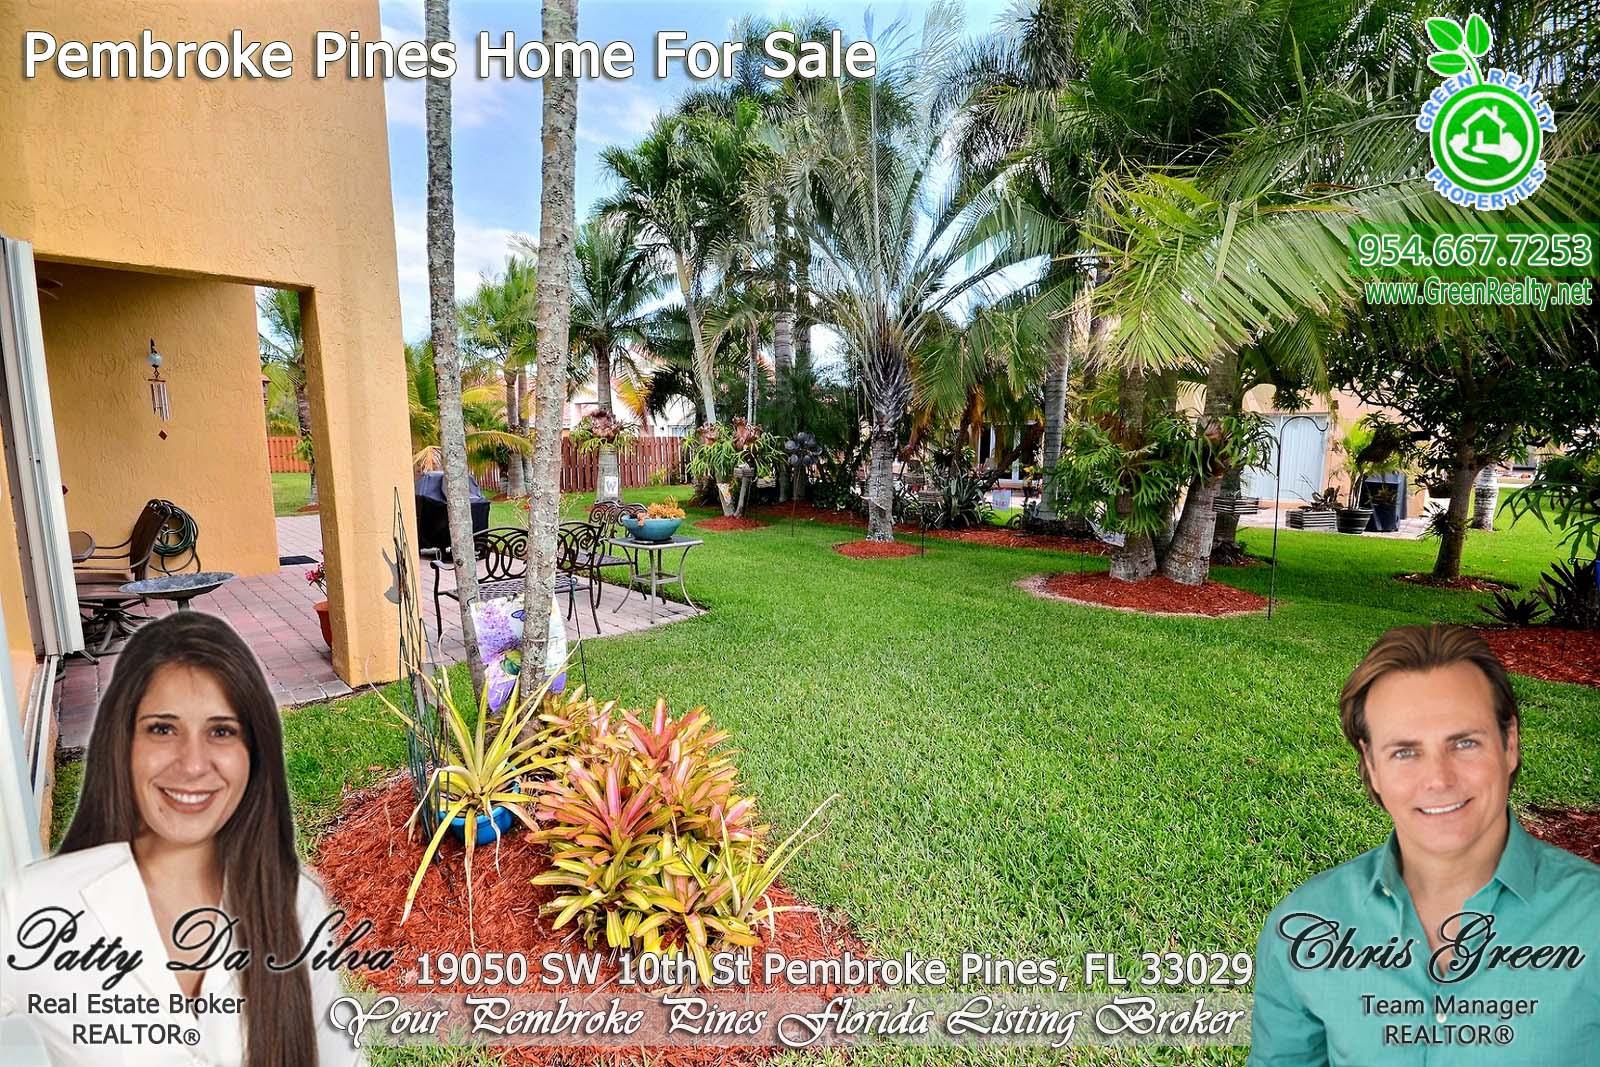 31 Encantada Homes For Sale on Pembroke Pines (3)